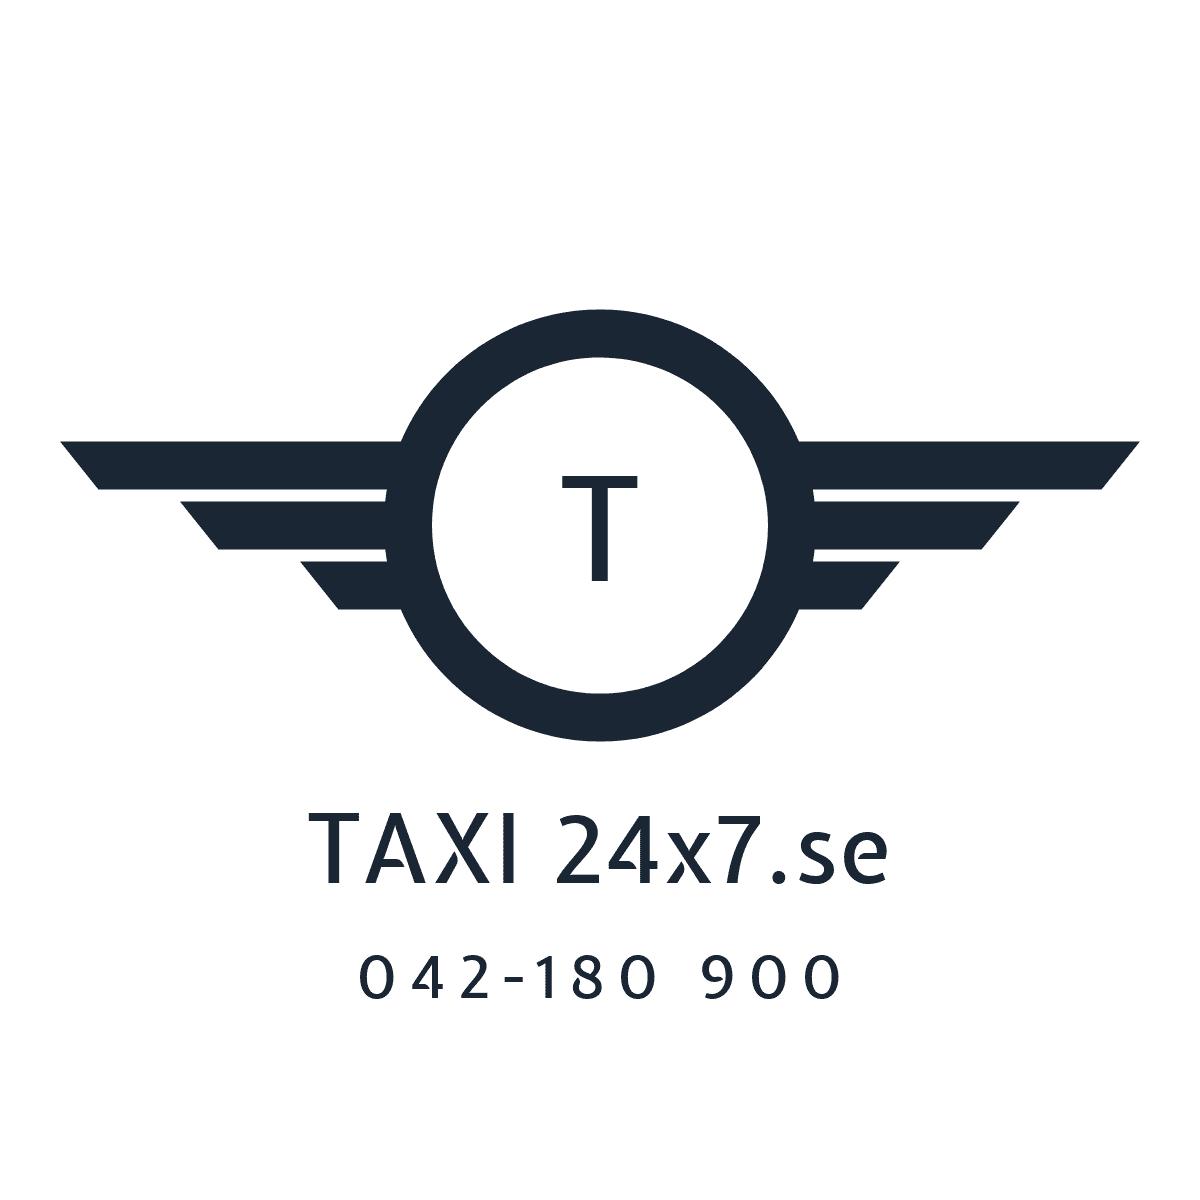 Taxi Helsingborg 24x7